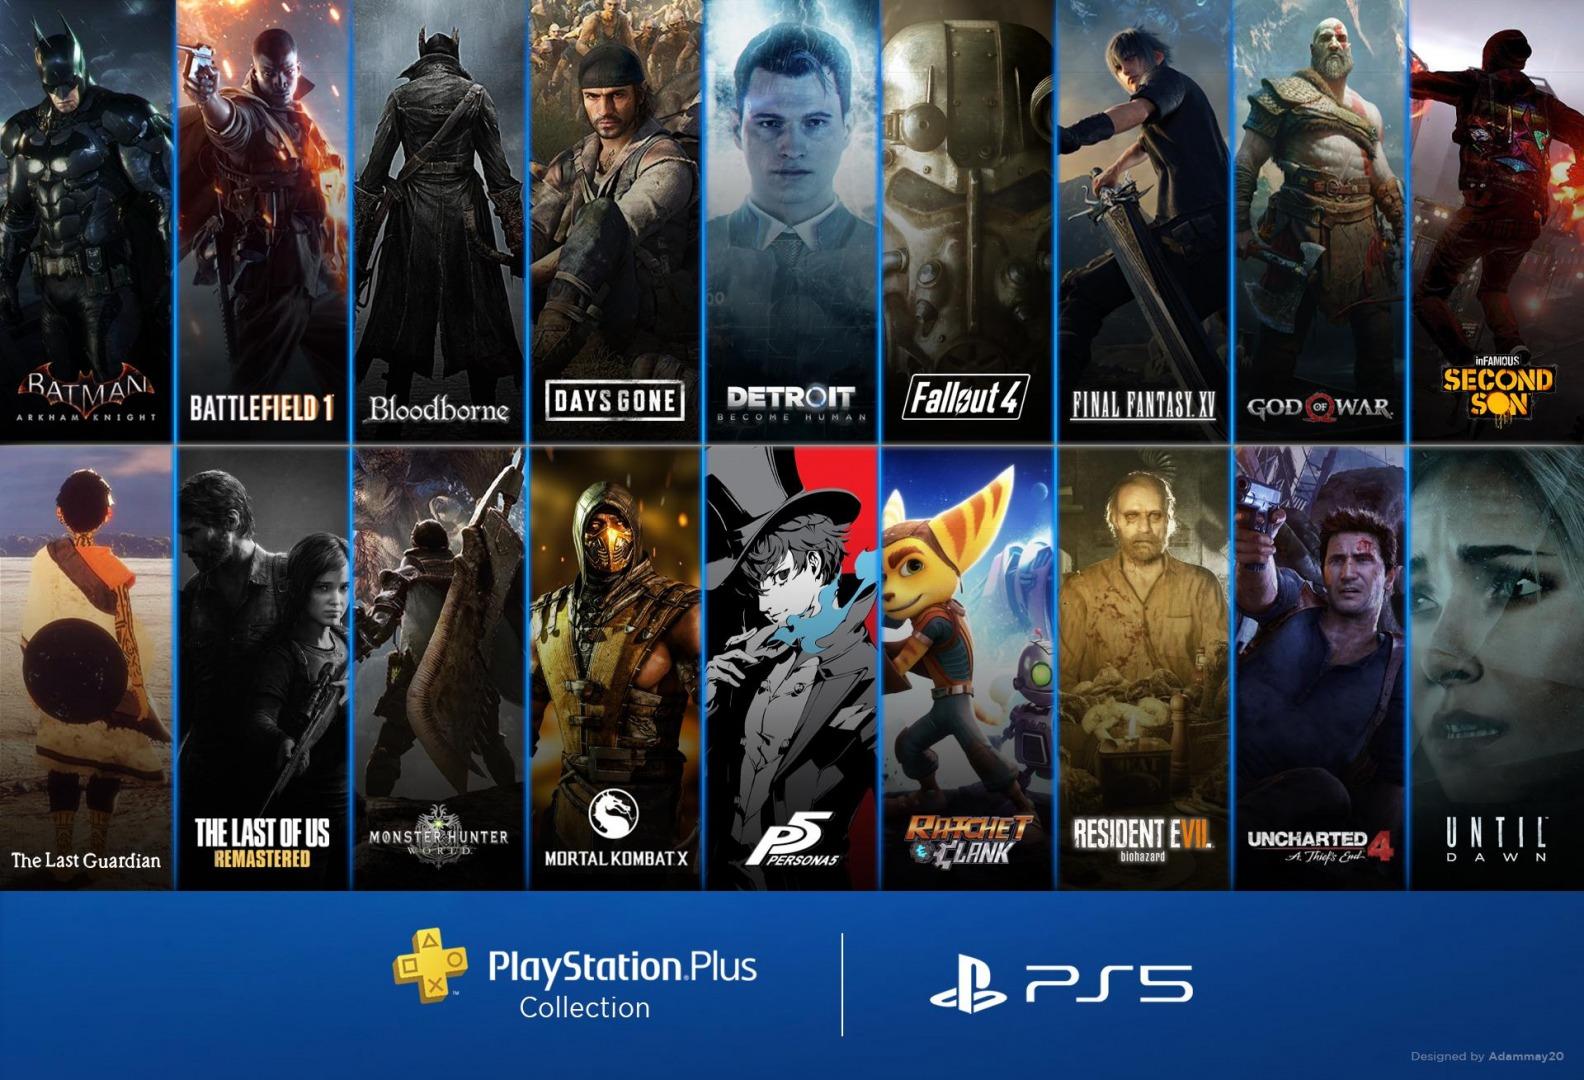 Почти все игры подпискиPlayStation Plus Collection на одной картинке.